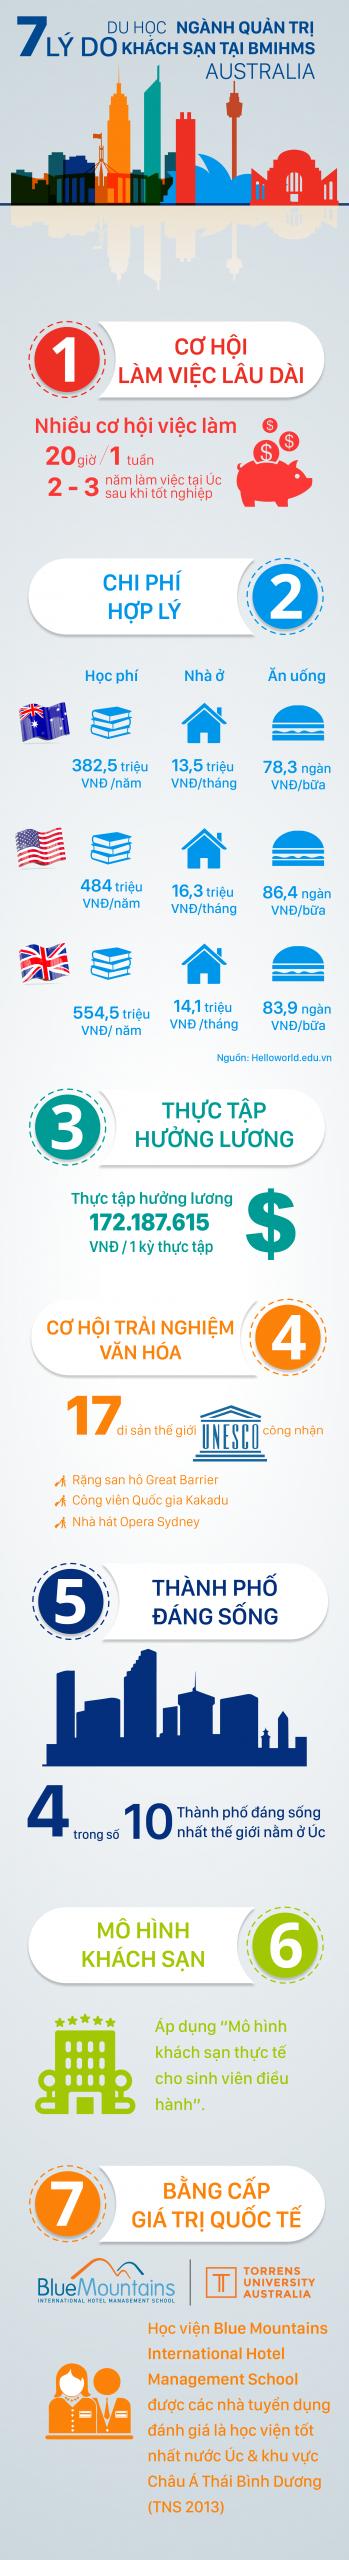 infographic BM 1-01